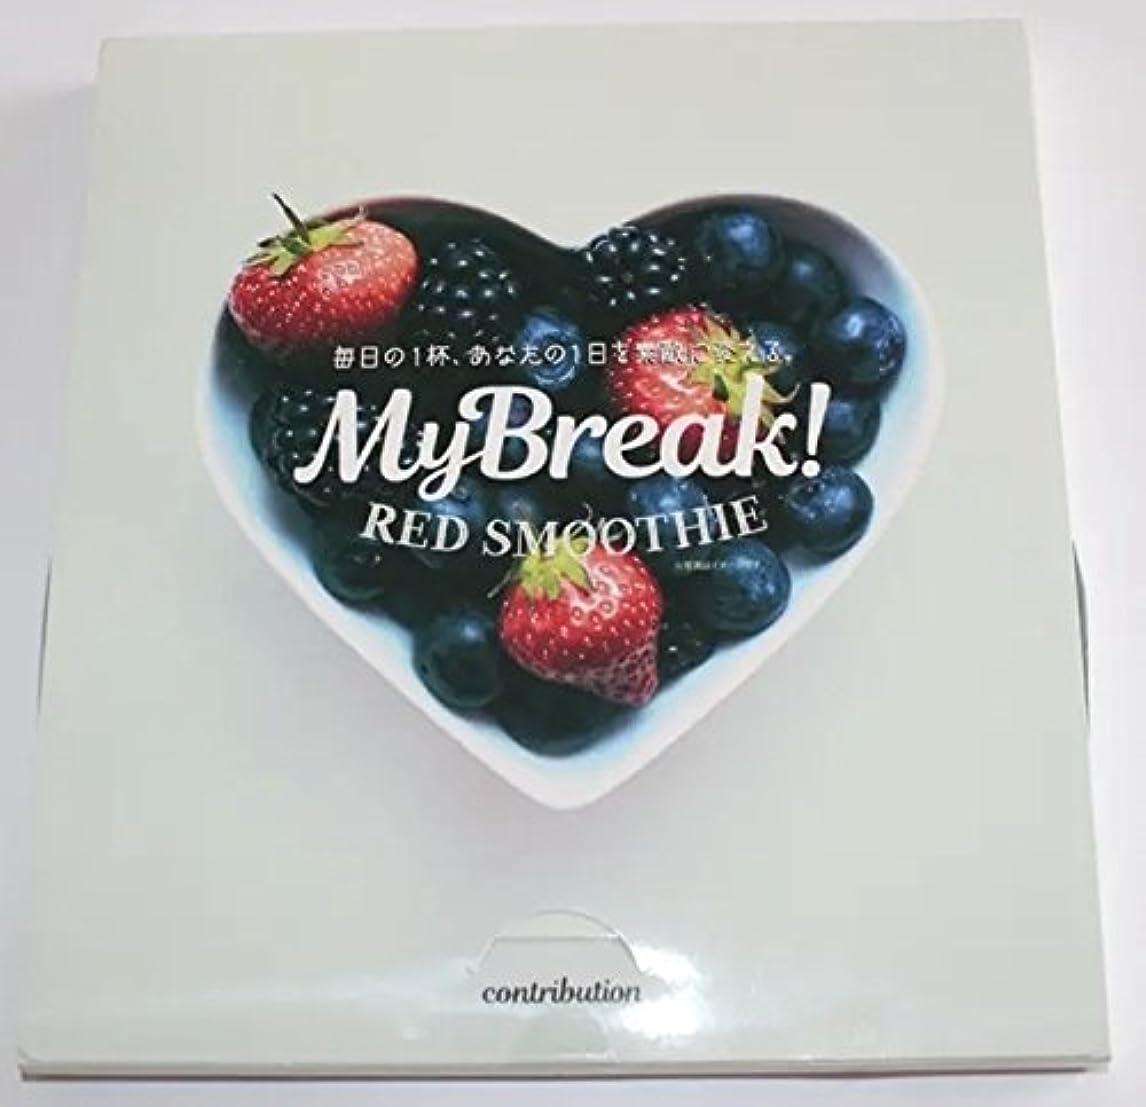 冒険呼吸レプリカMyBreak! RED SMOOTHIE マイブレイク レッドスムージー 150g(1包5g×30包) [並行輸入品]